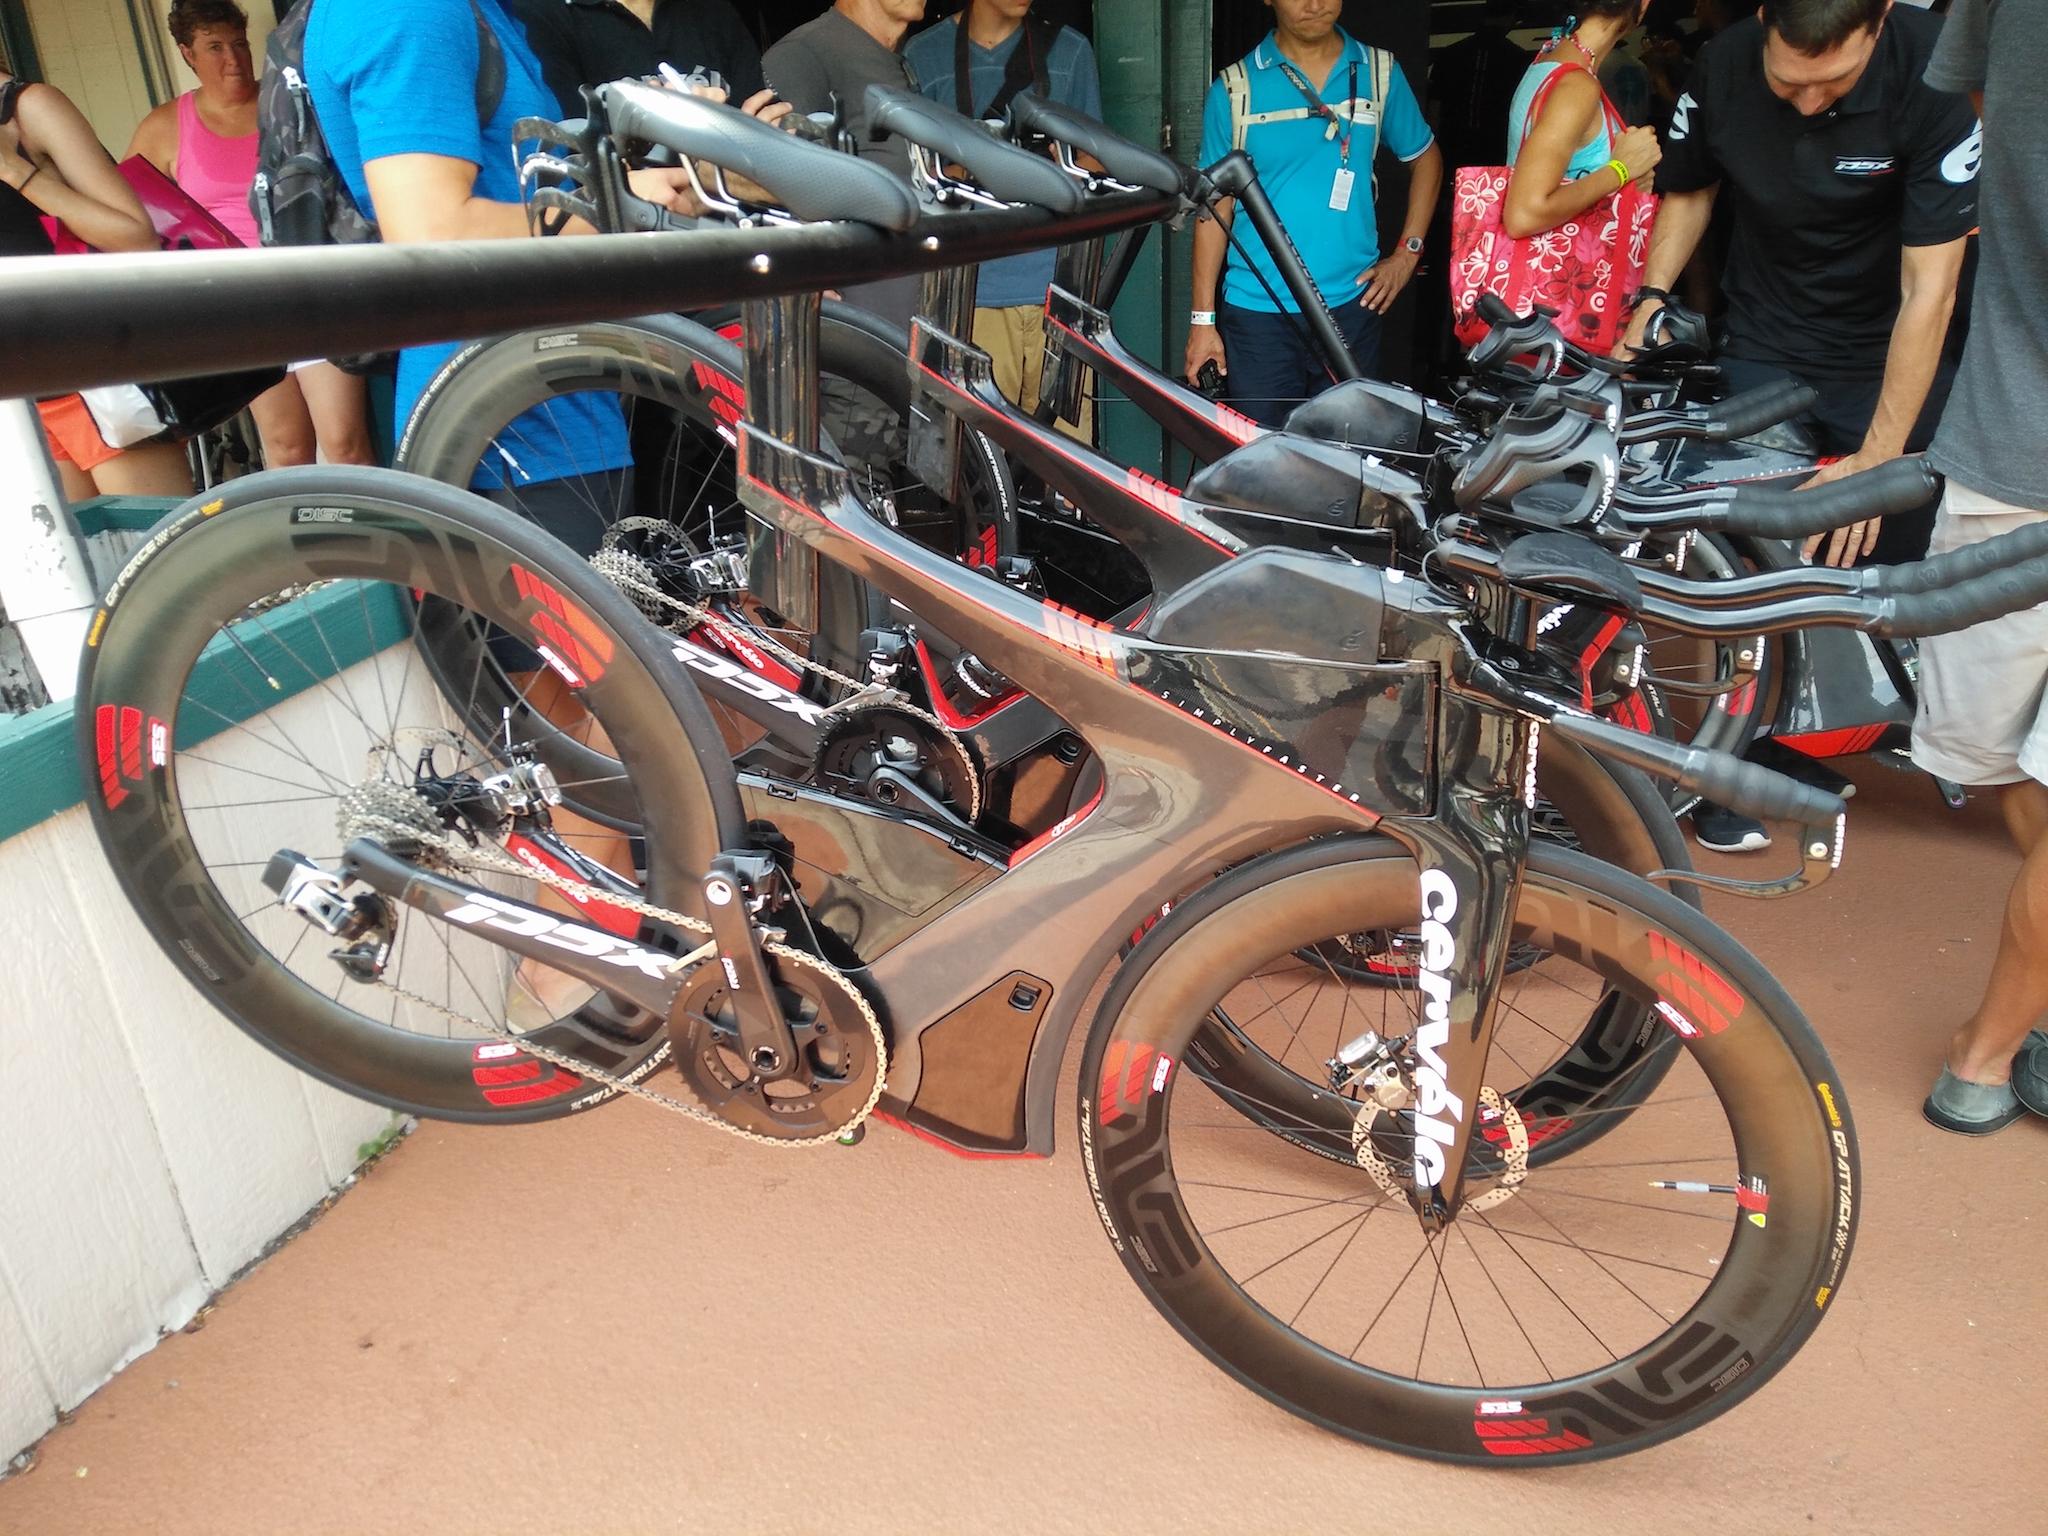 cervelo-p5x-bike-works